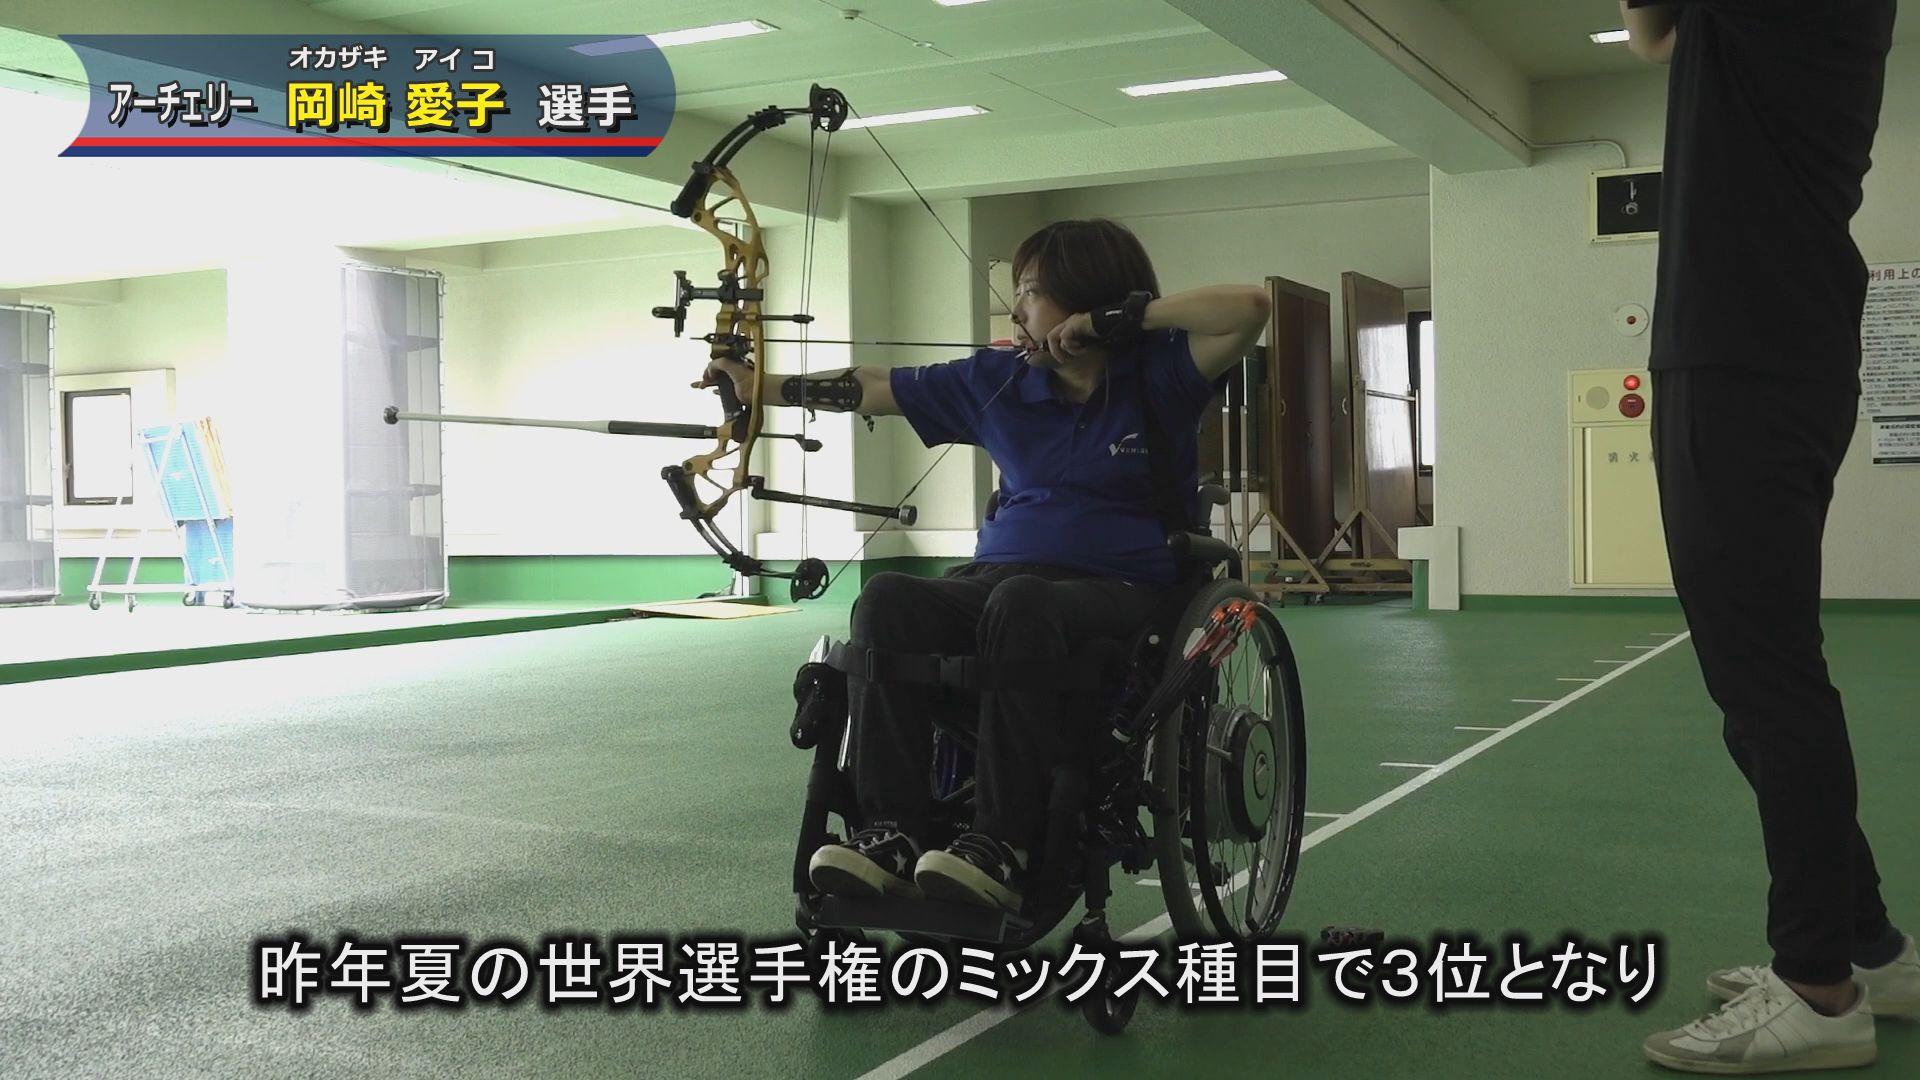 東京都パラリンピック選手の動画を制作しました。